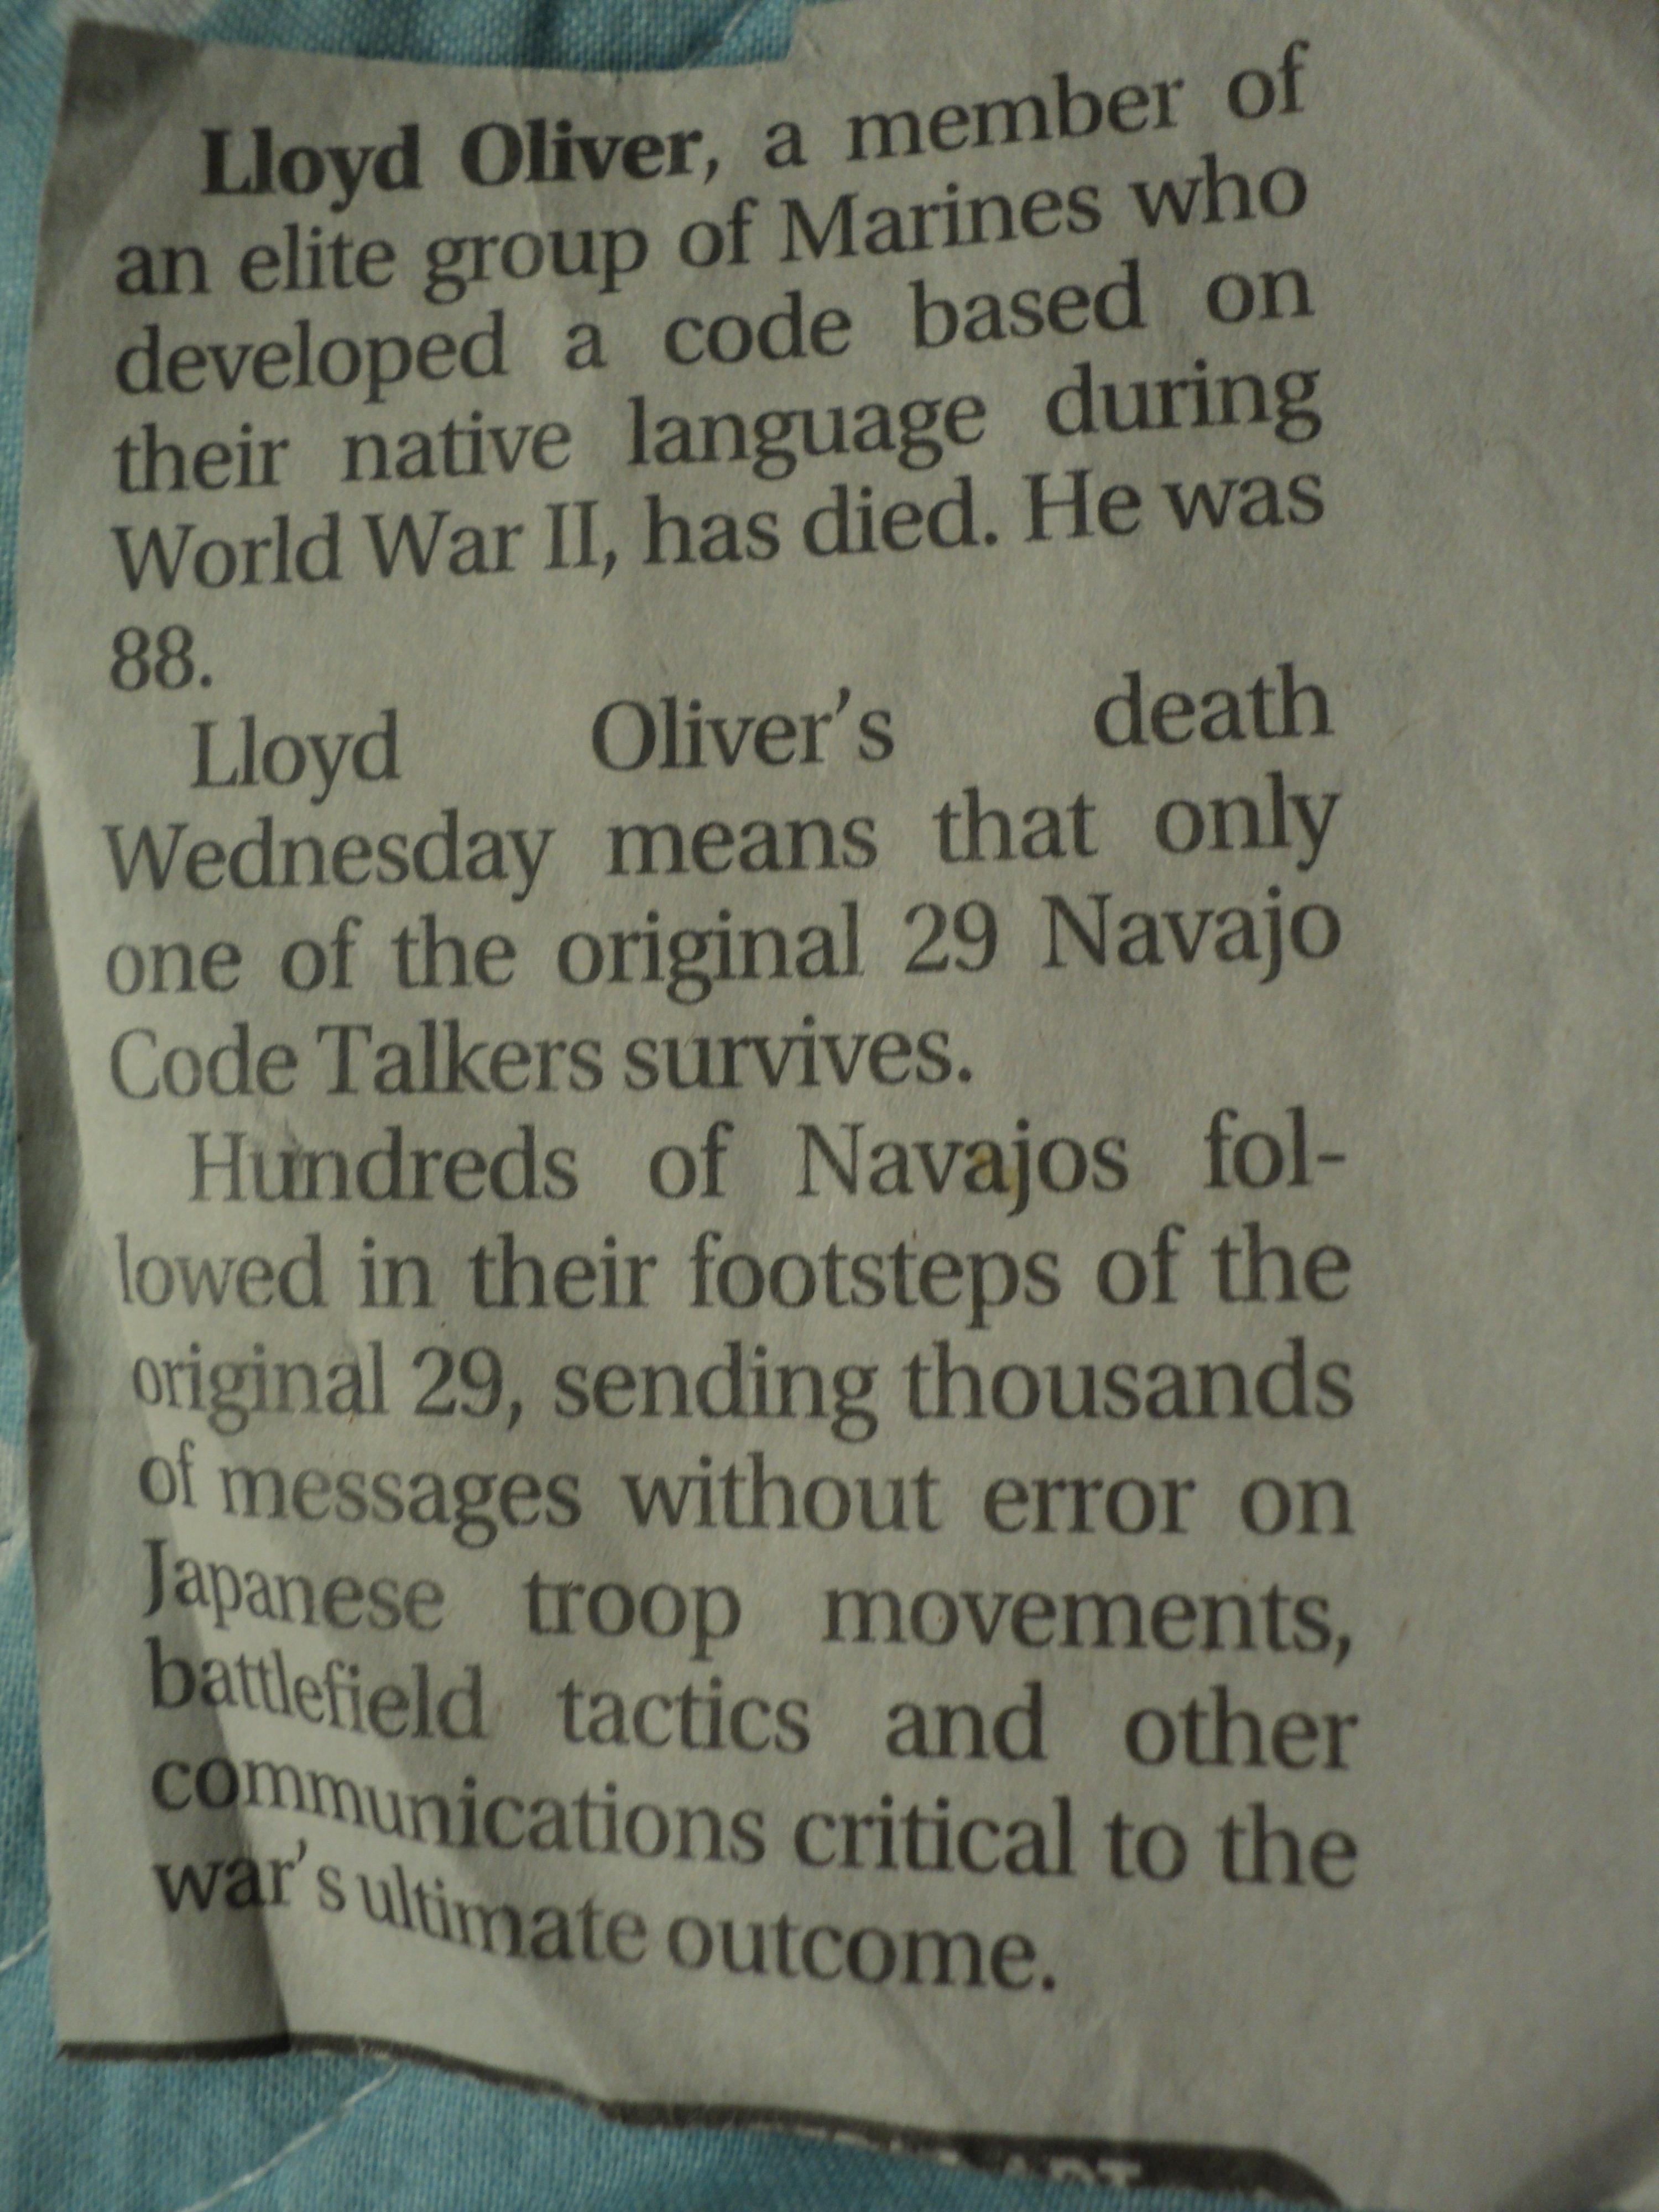 Navajo Code Talkers Heroes In Wwii